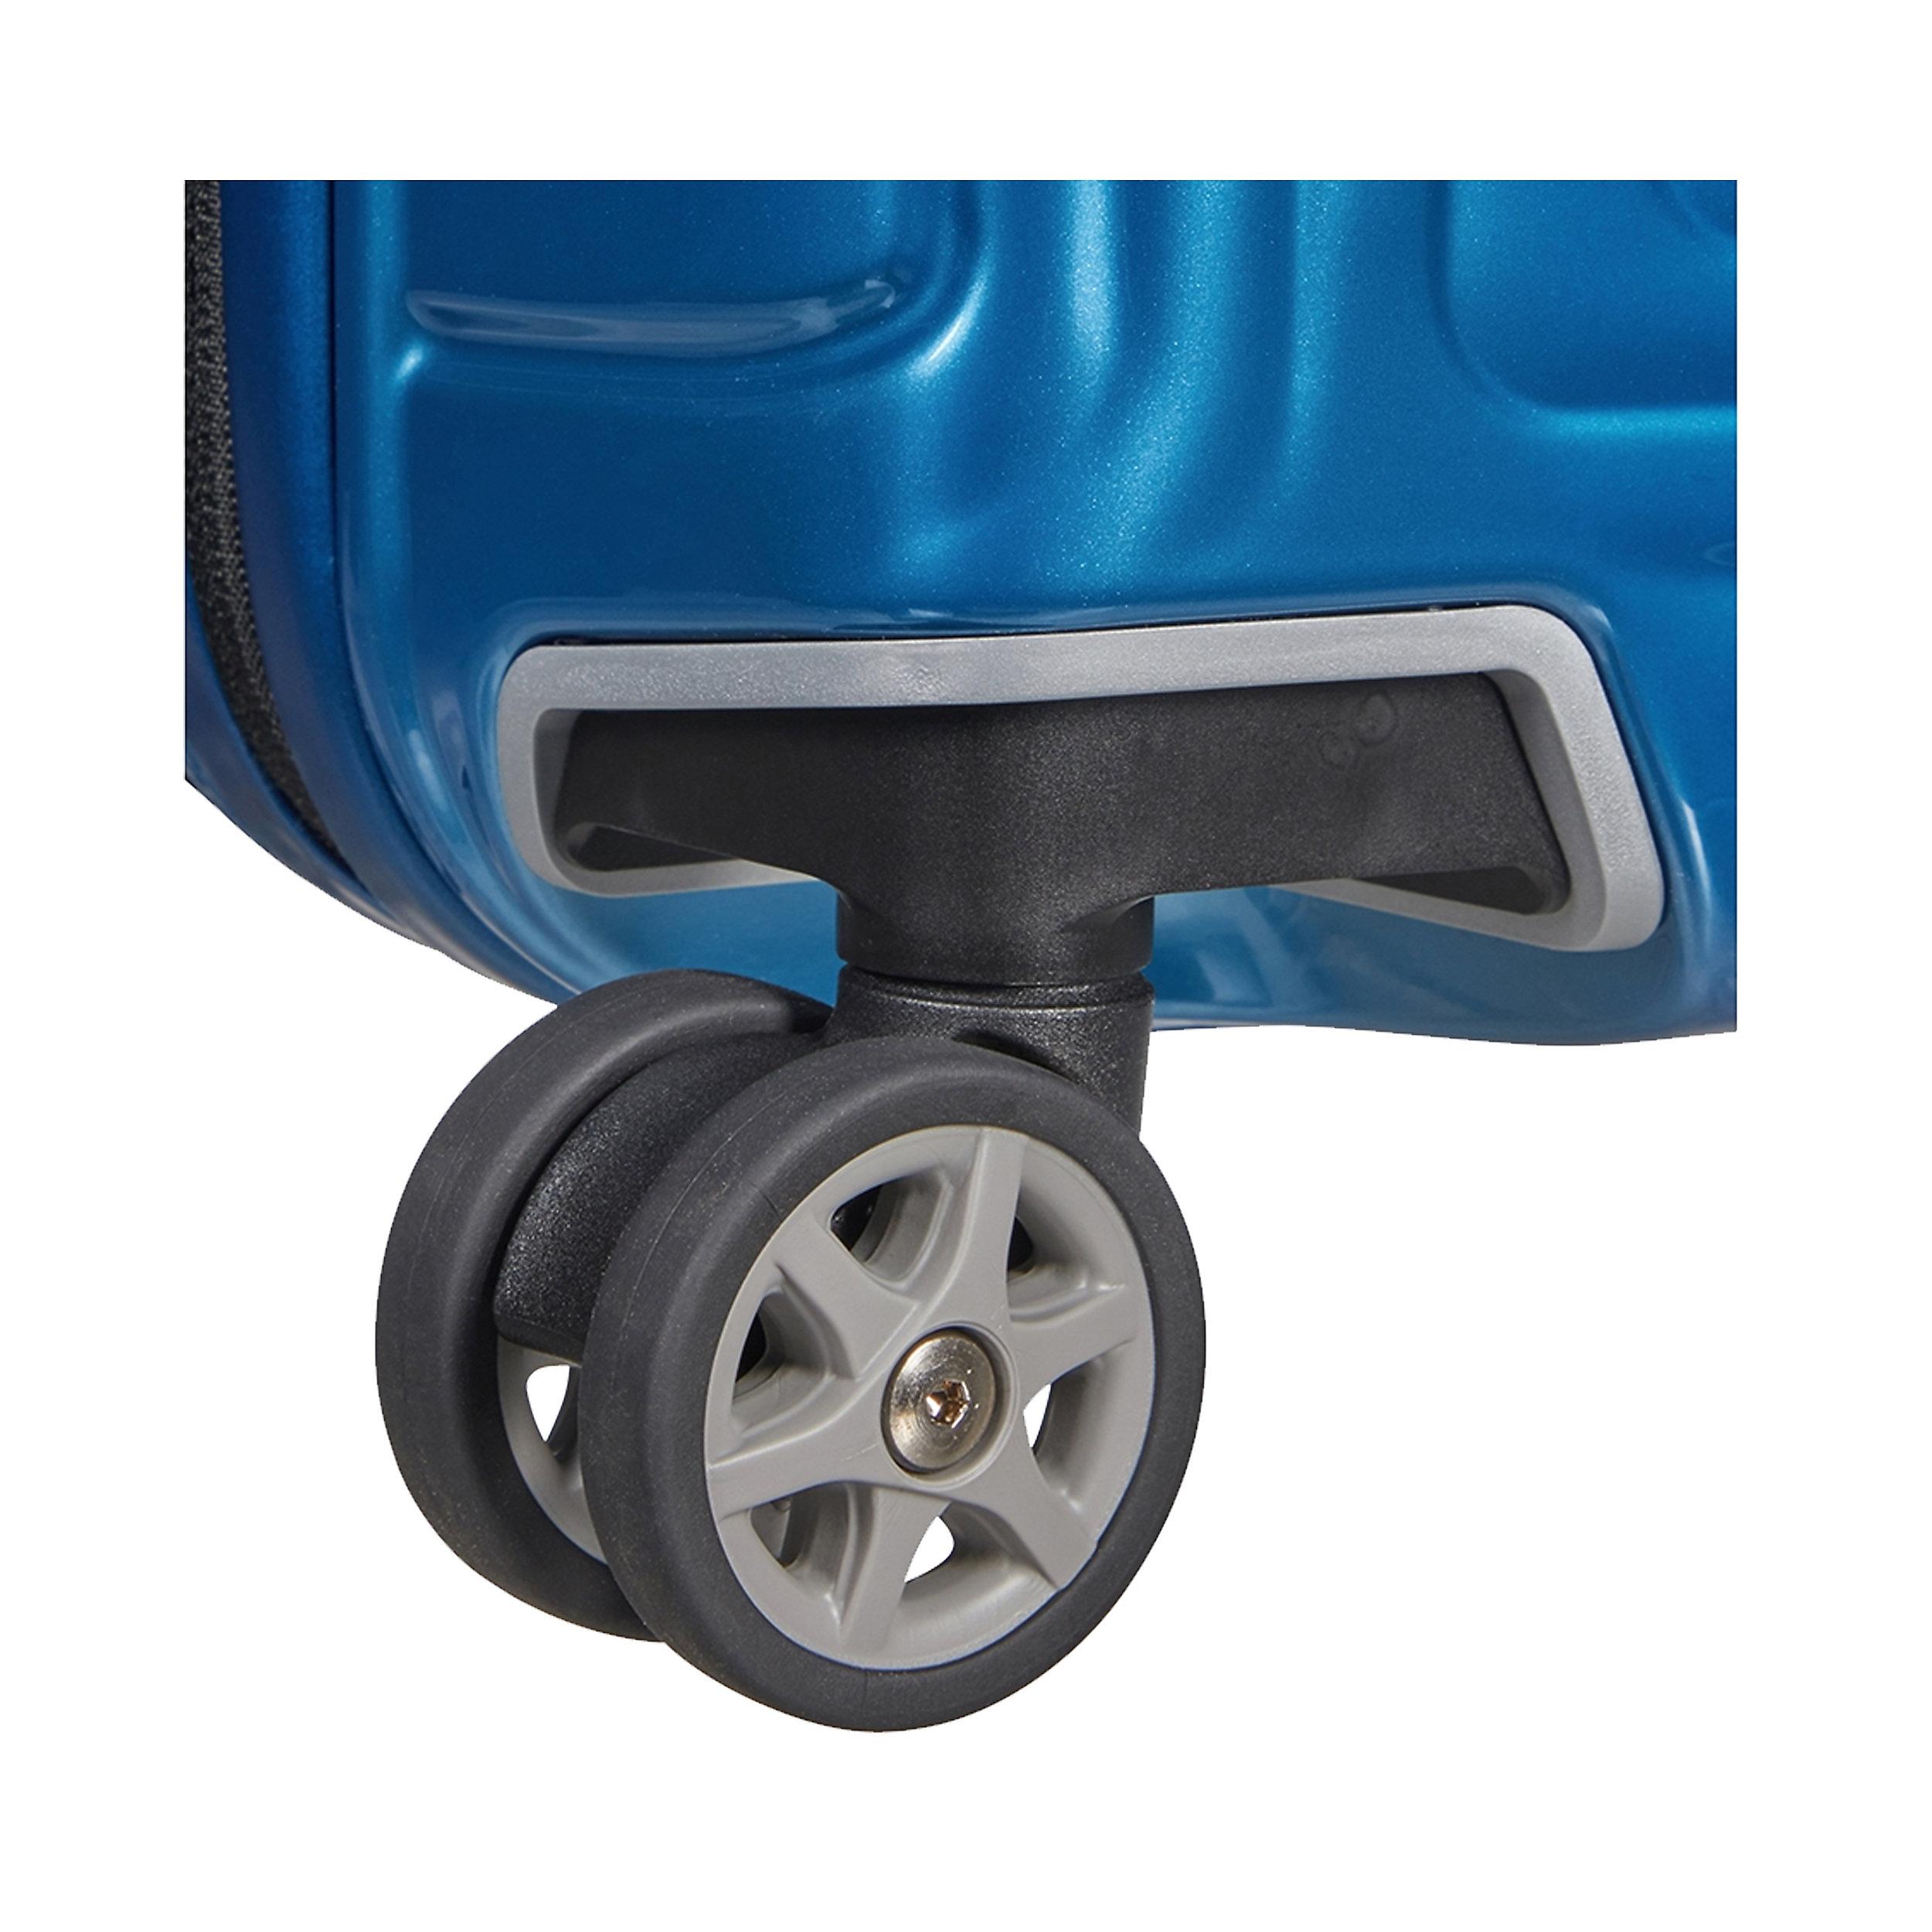 Spinner mit 4 Rollen 55 Neopulse 38 Liter